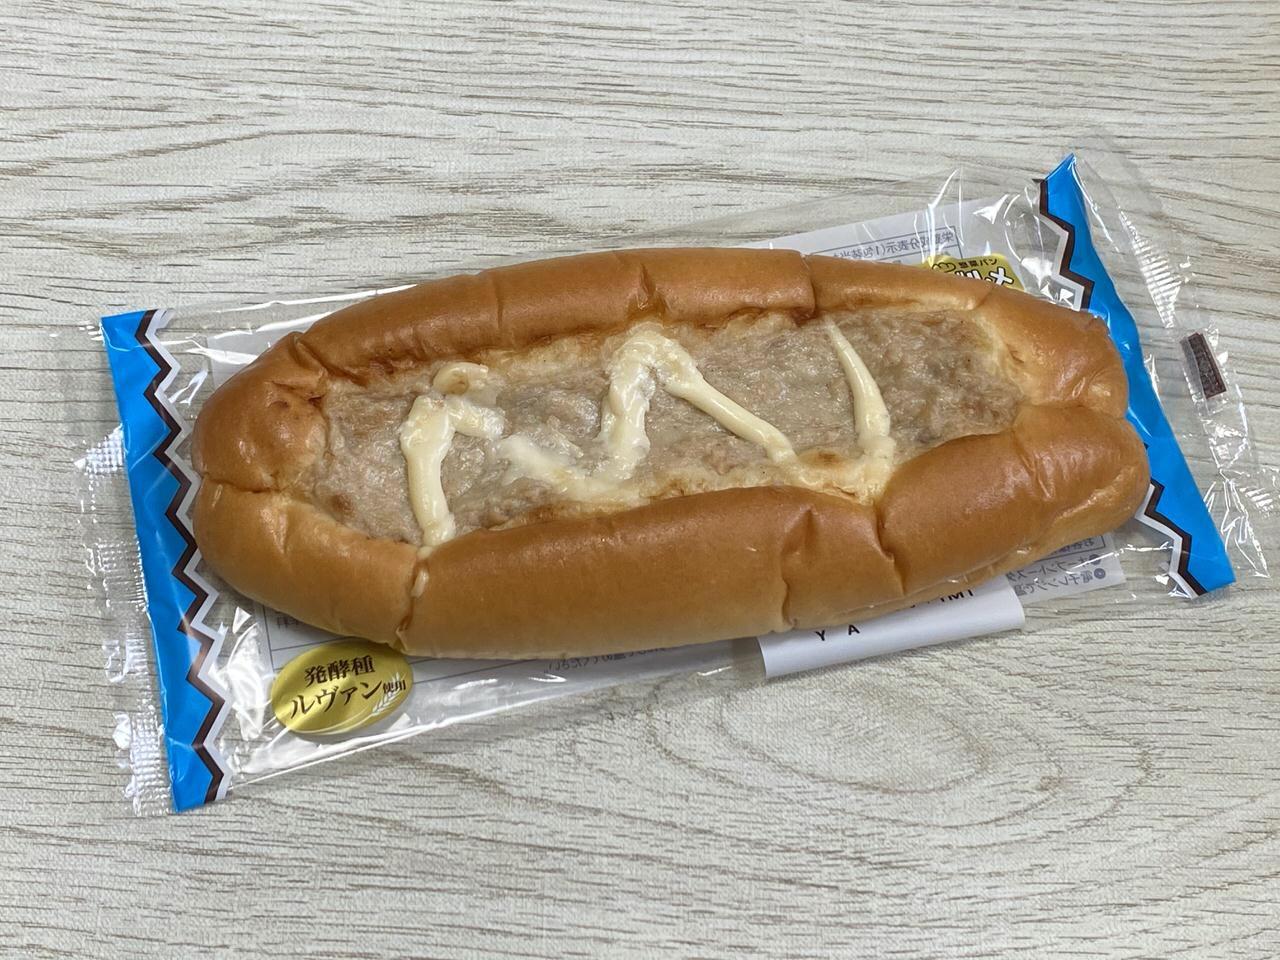 これは好き嫌いが分かれそう!?青魚ぽさがそこはかとなく漂う鯖のパン「サバマヨパン」